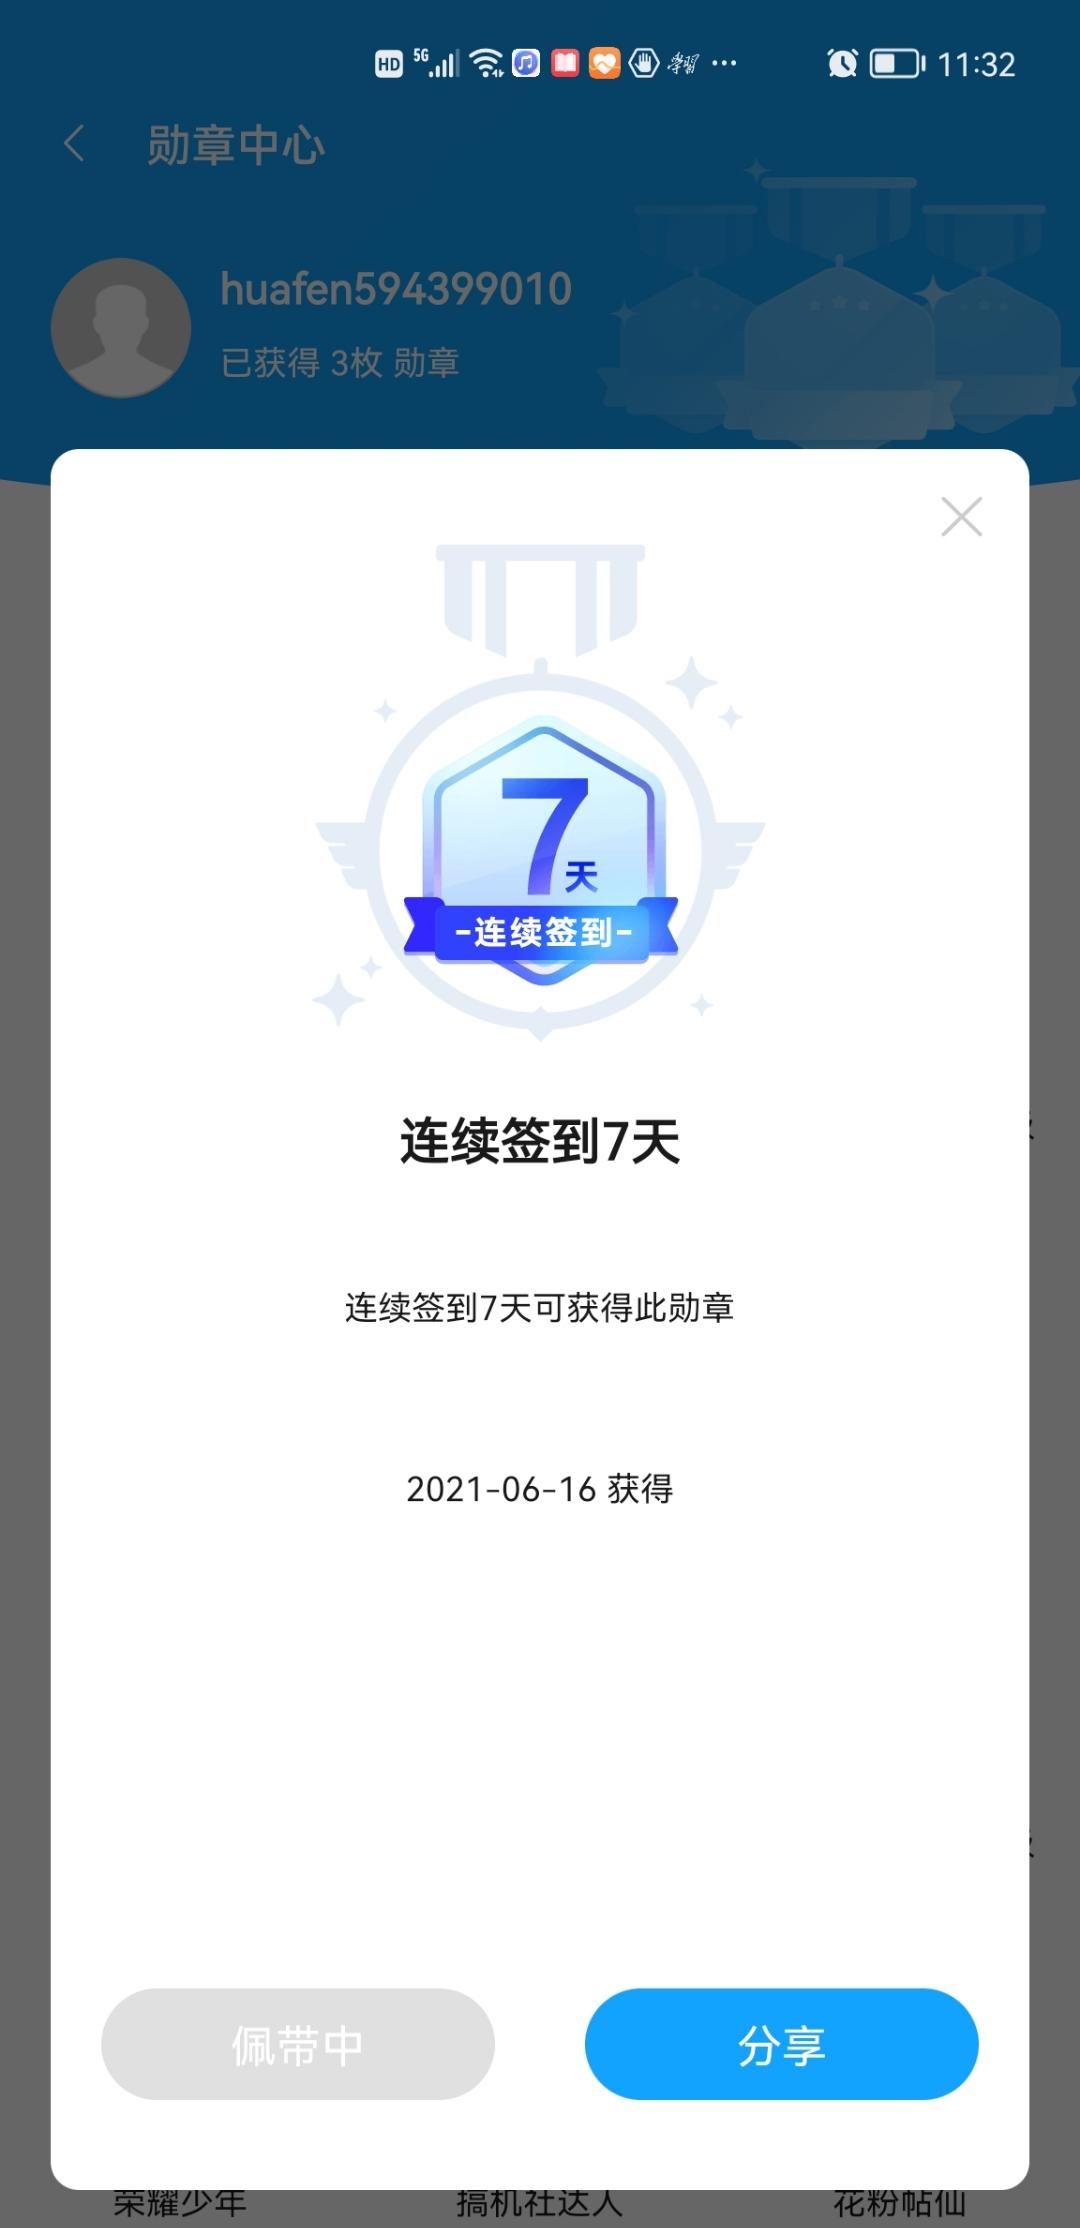 Screenshot_20210616_233223_com.huawei.fans.jpg